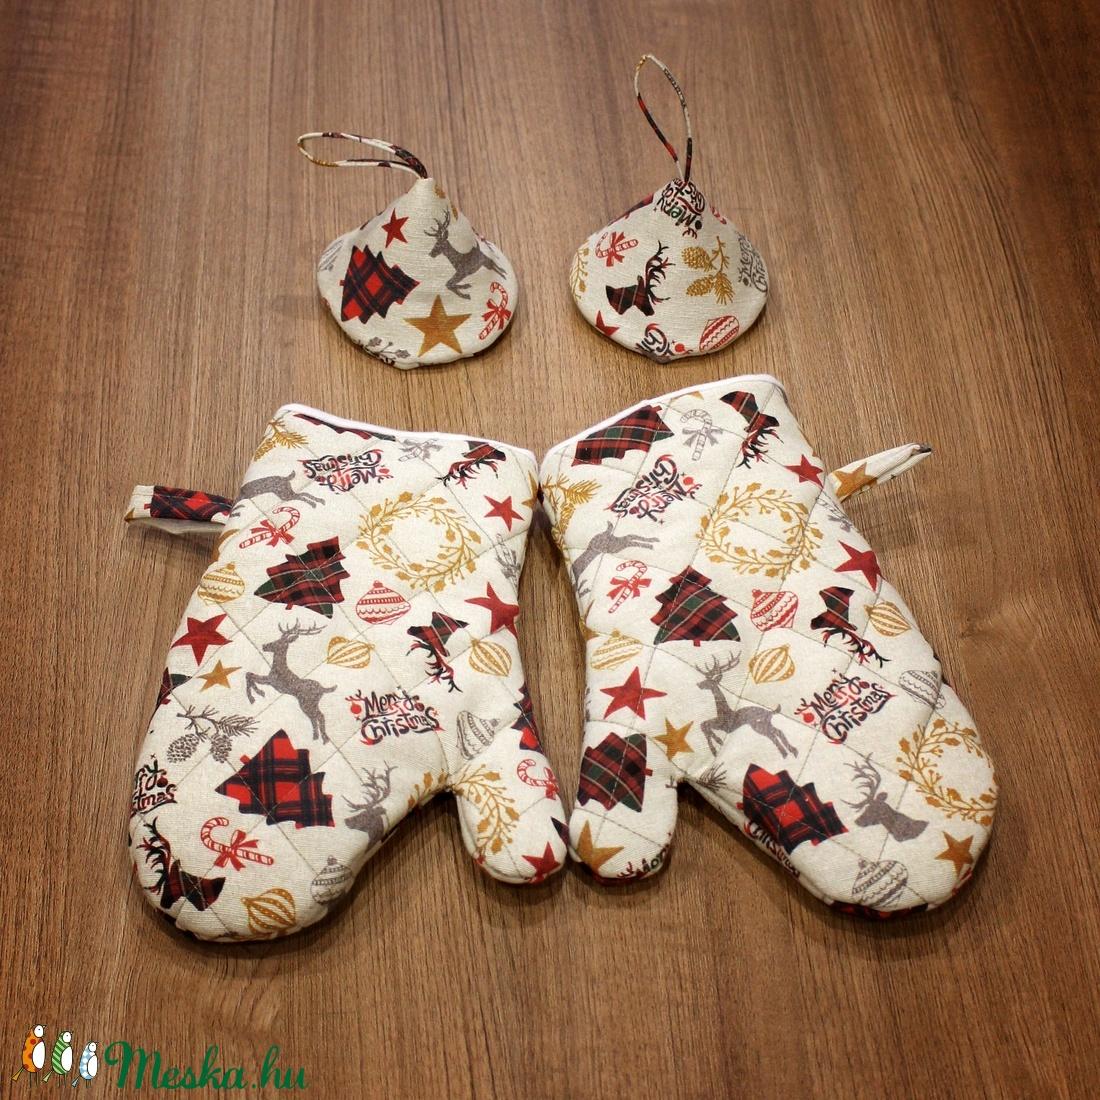 Vaj alapon karácsonyi mintás edényfogó kesztyű és fedőfogó szett - otthon & lakás - konyhafelszerelés - edényfogó & edényfedő - Meska.hu